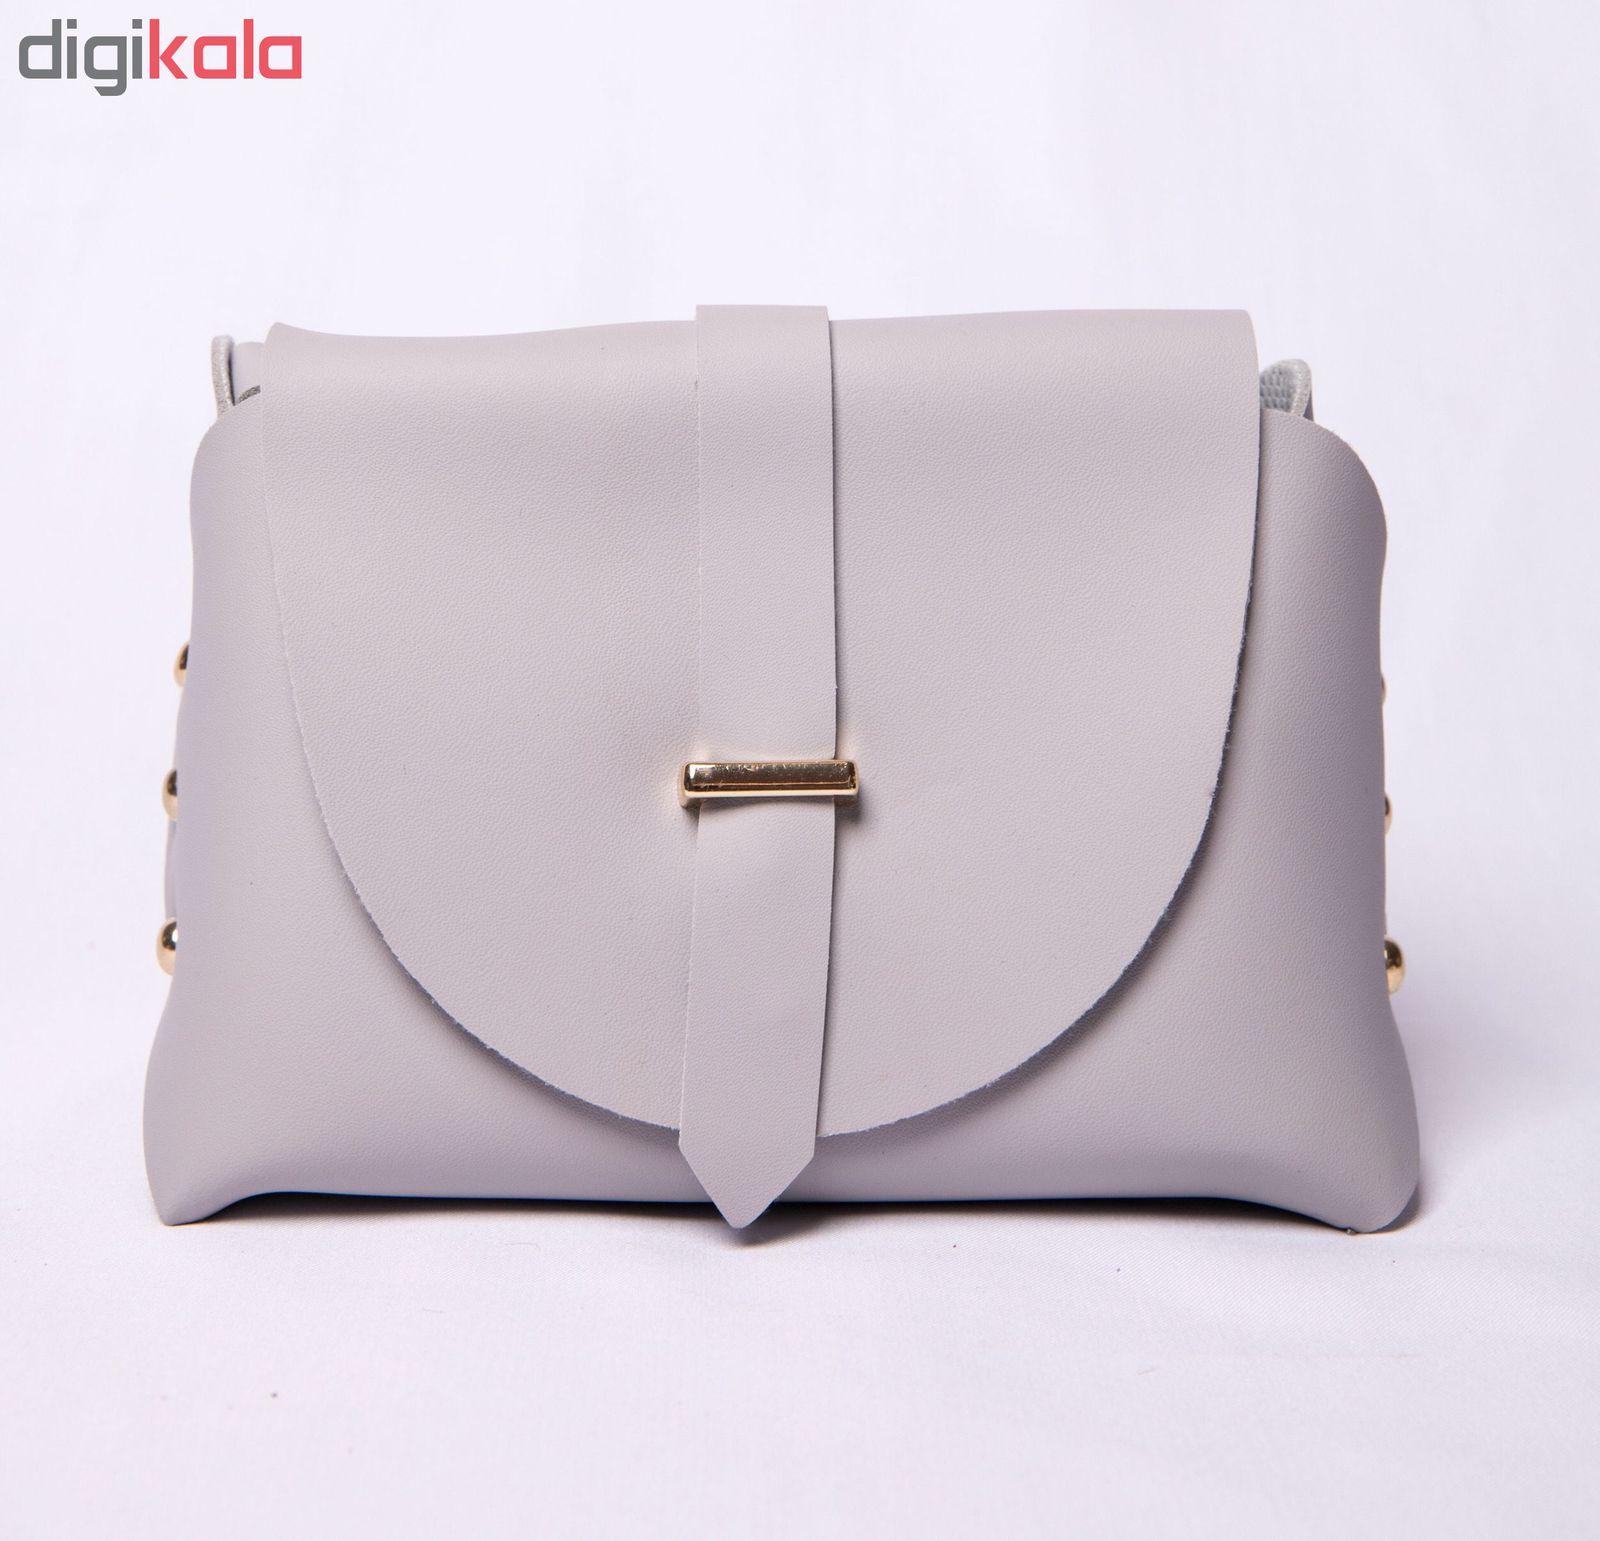 کیف دوشی زنانه مدل روشا -  - 3